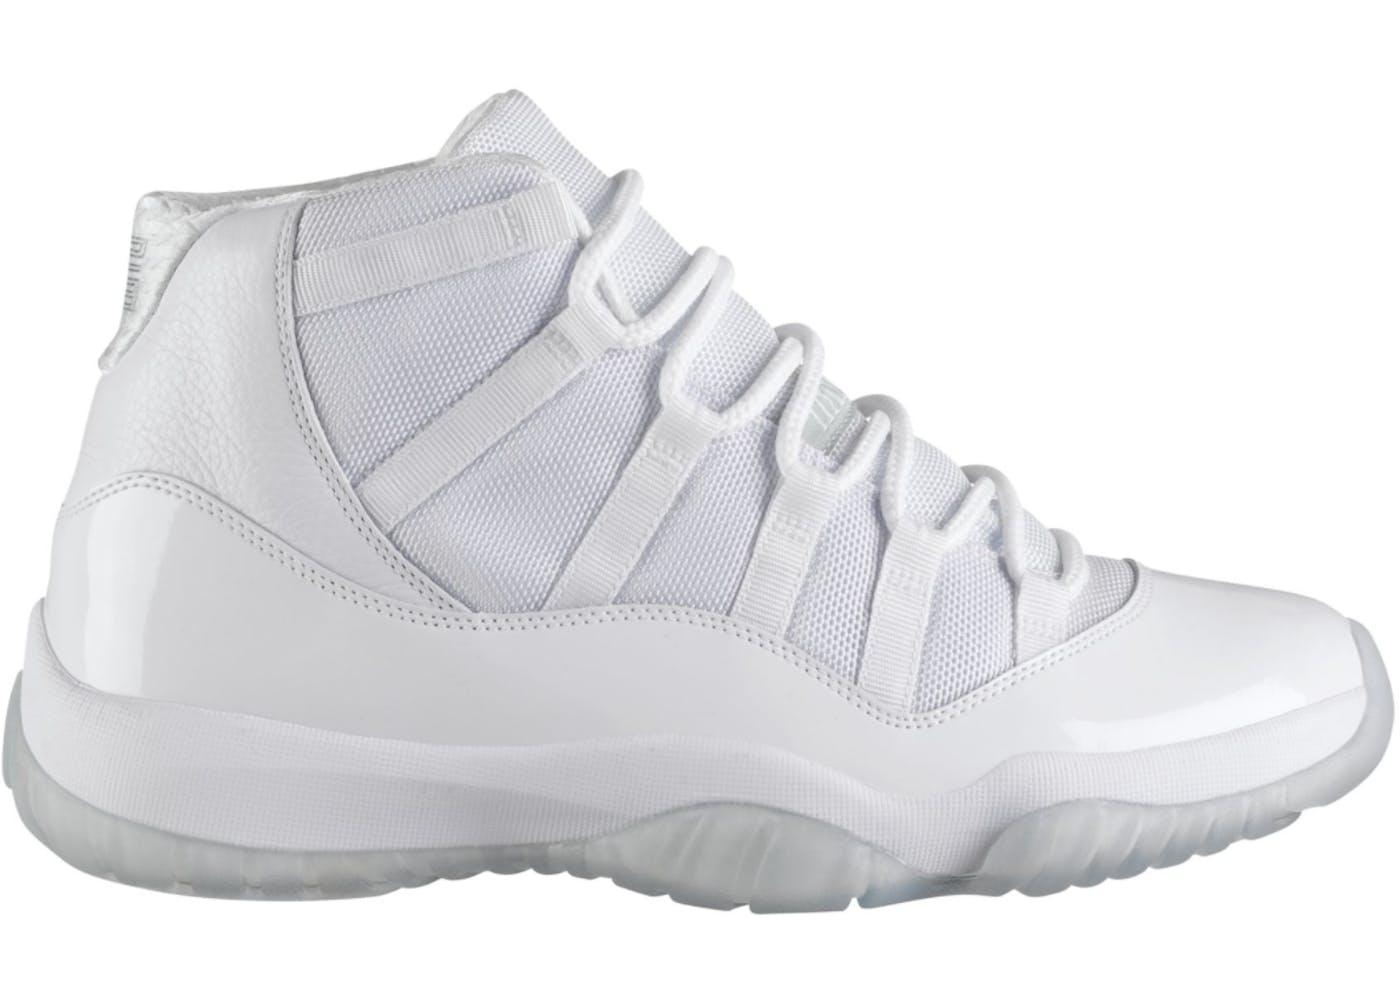 3e0b5f6e5bb150 ... 25TH ANNIVERSARY Jordan 11 Retro Silver Anniversary (GS) ...